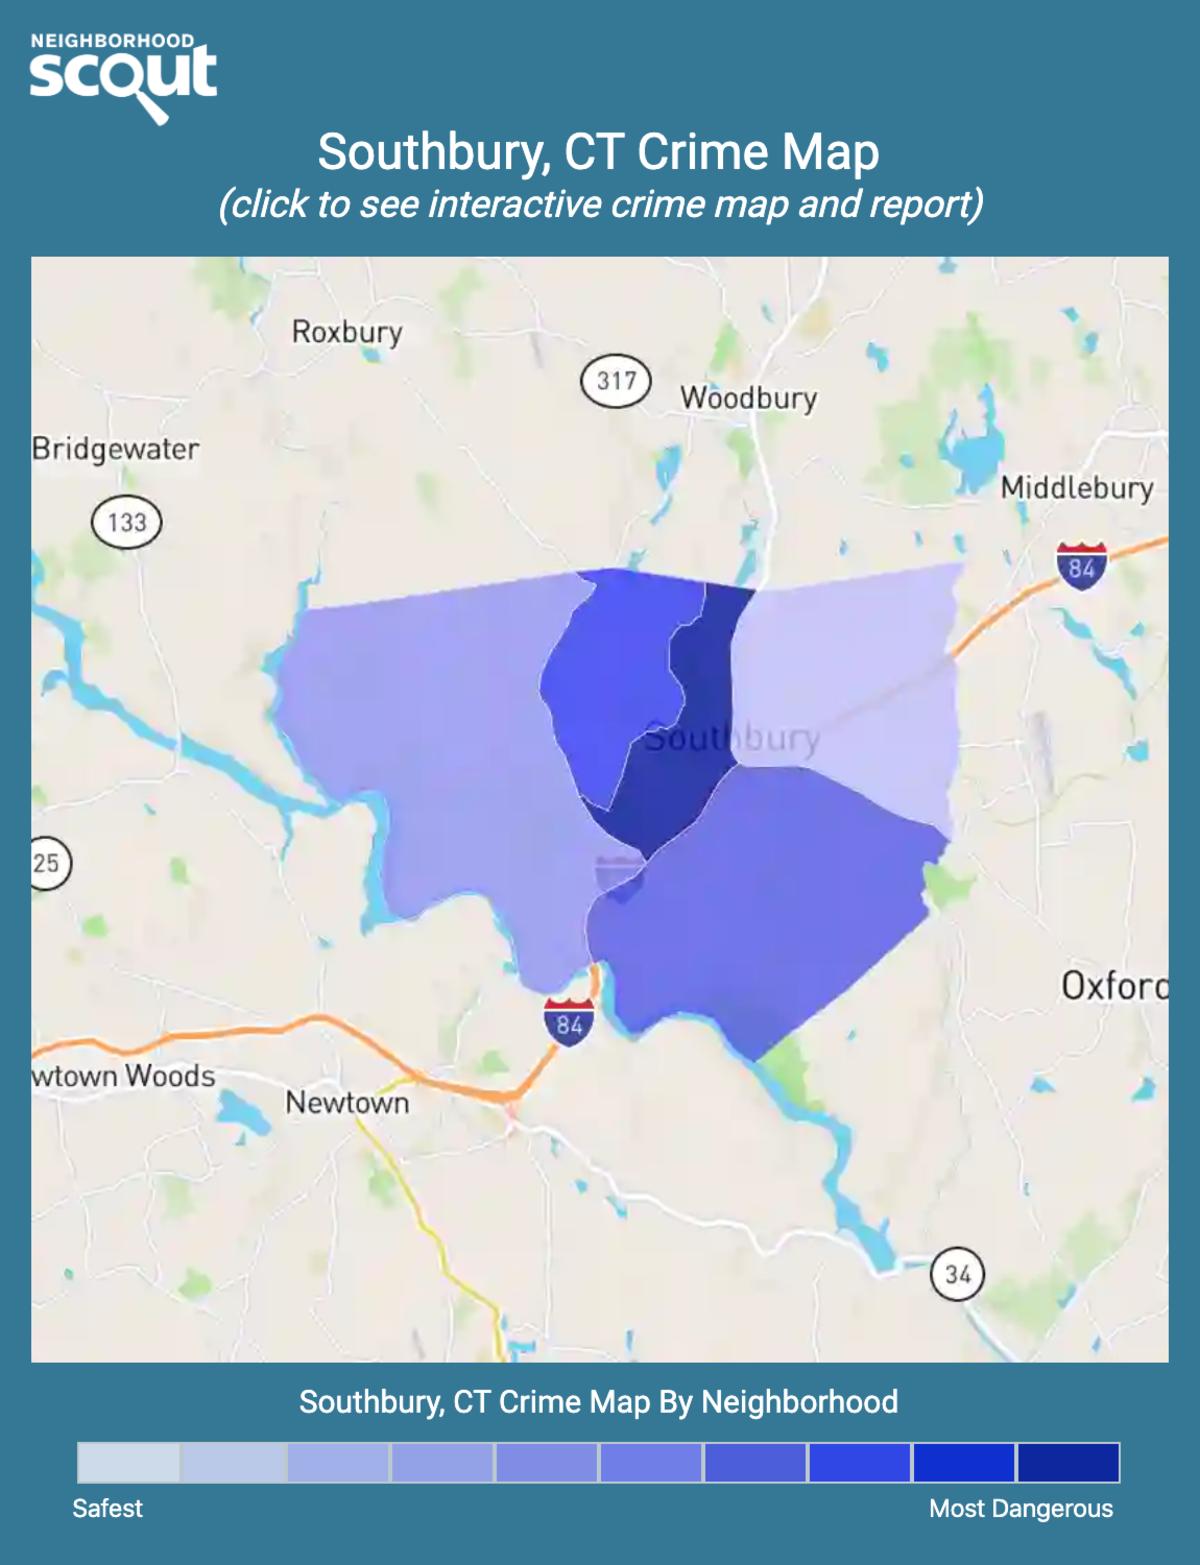 Southbury, Connecticut crime map